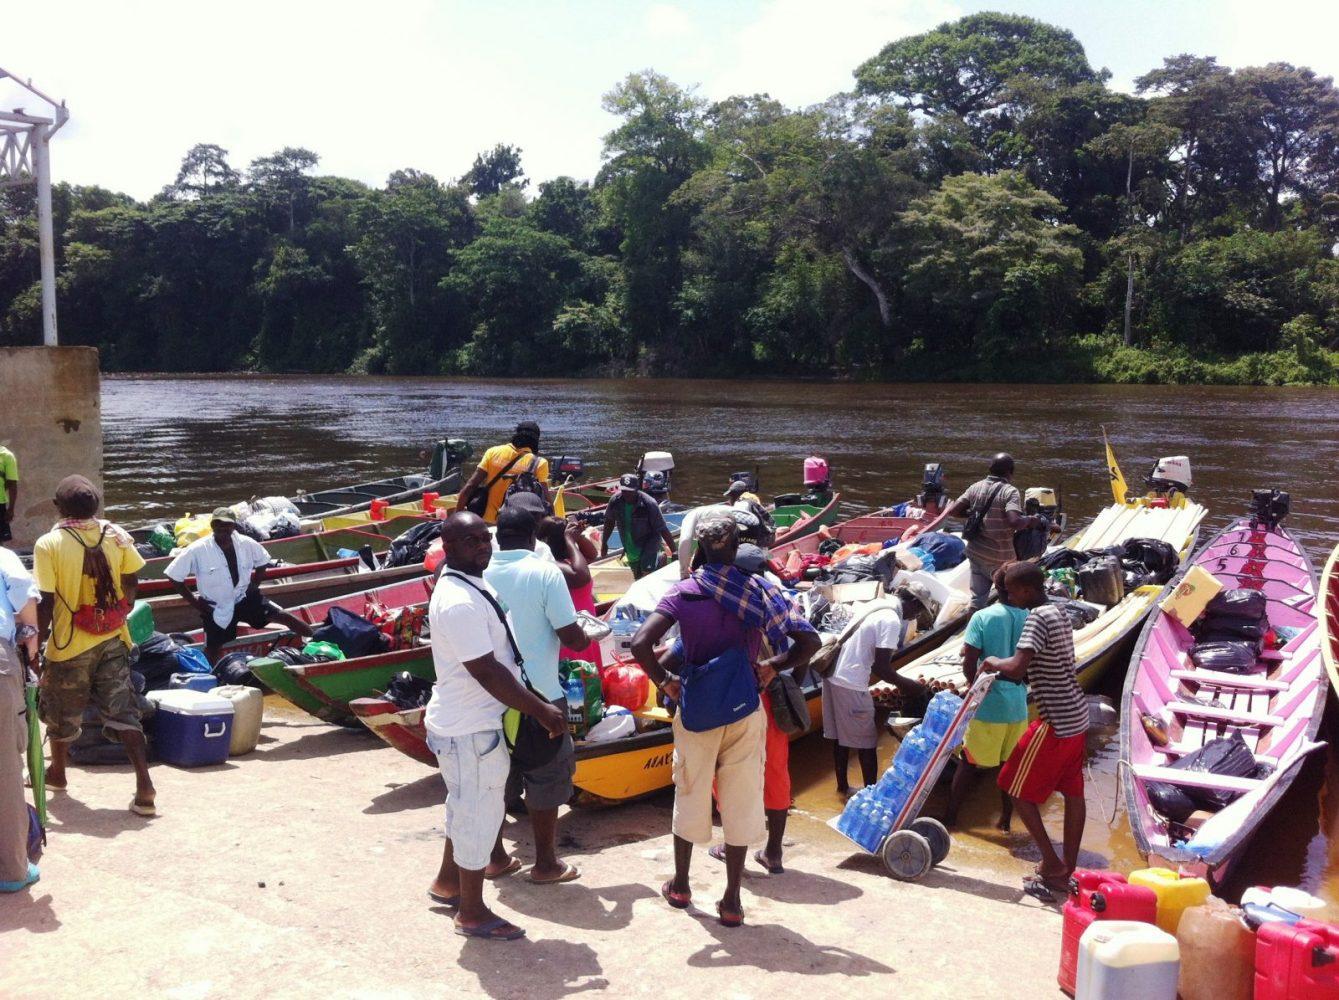 Upper Suriname River, Atjoni